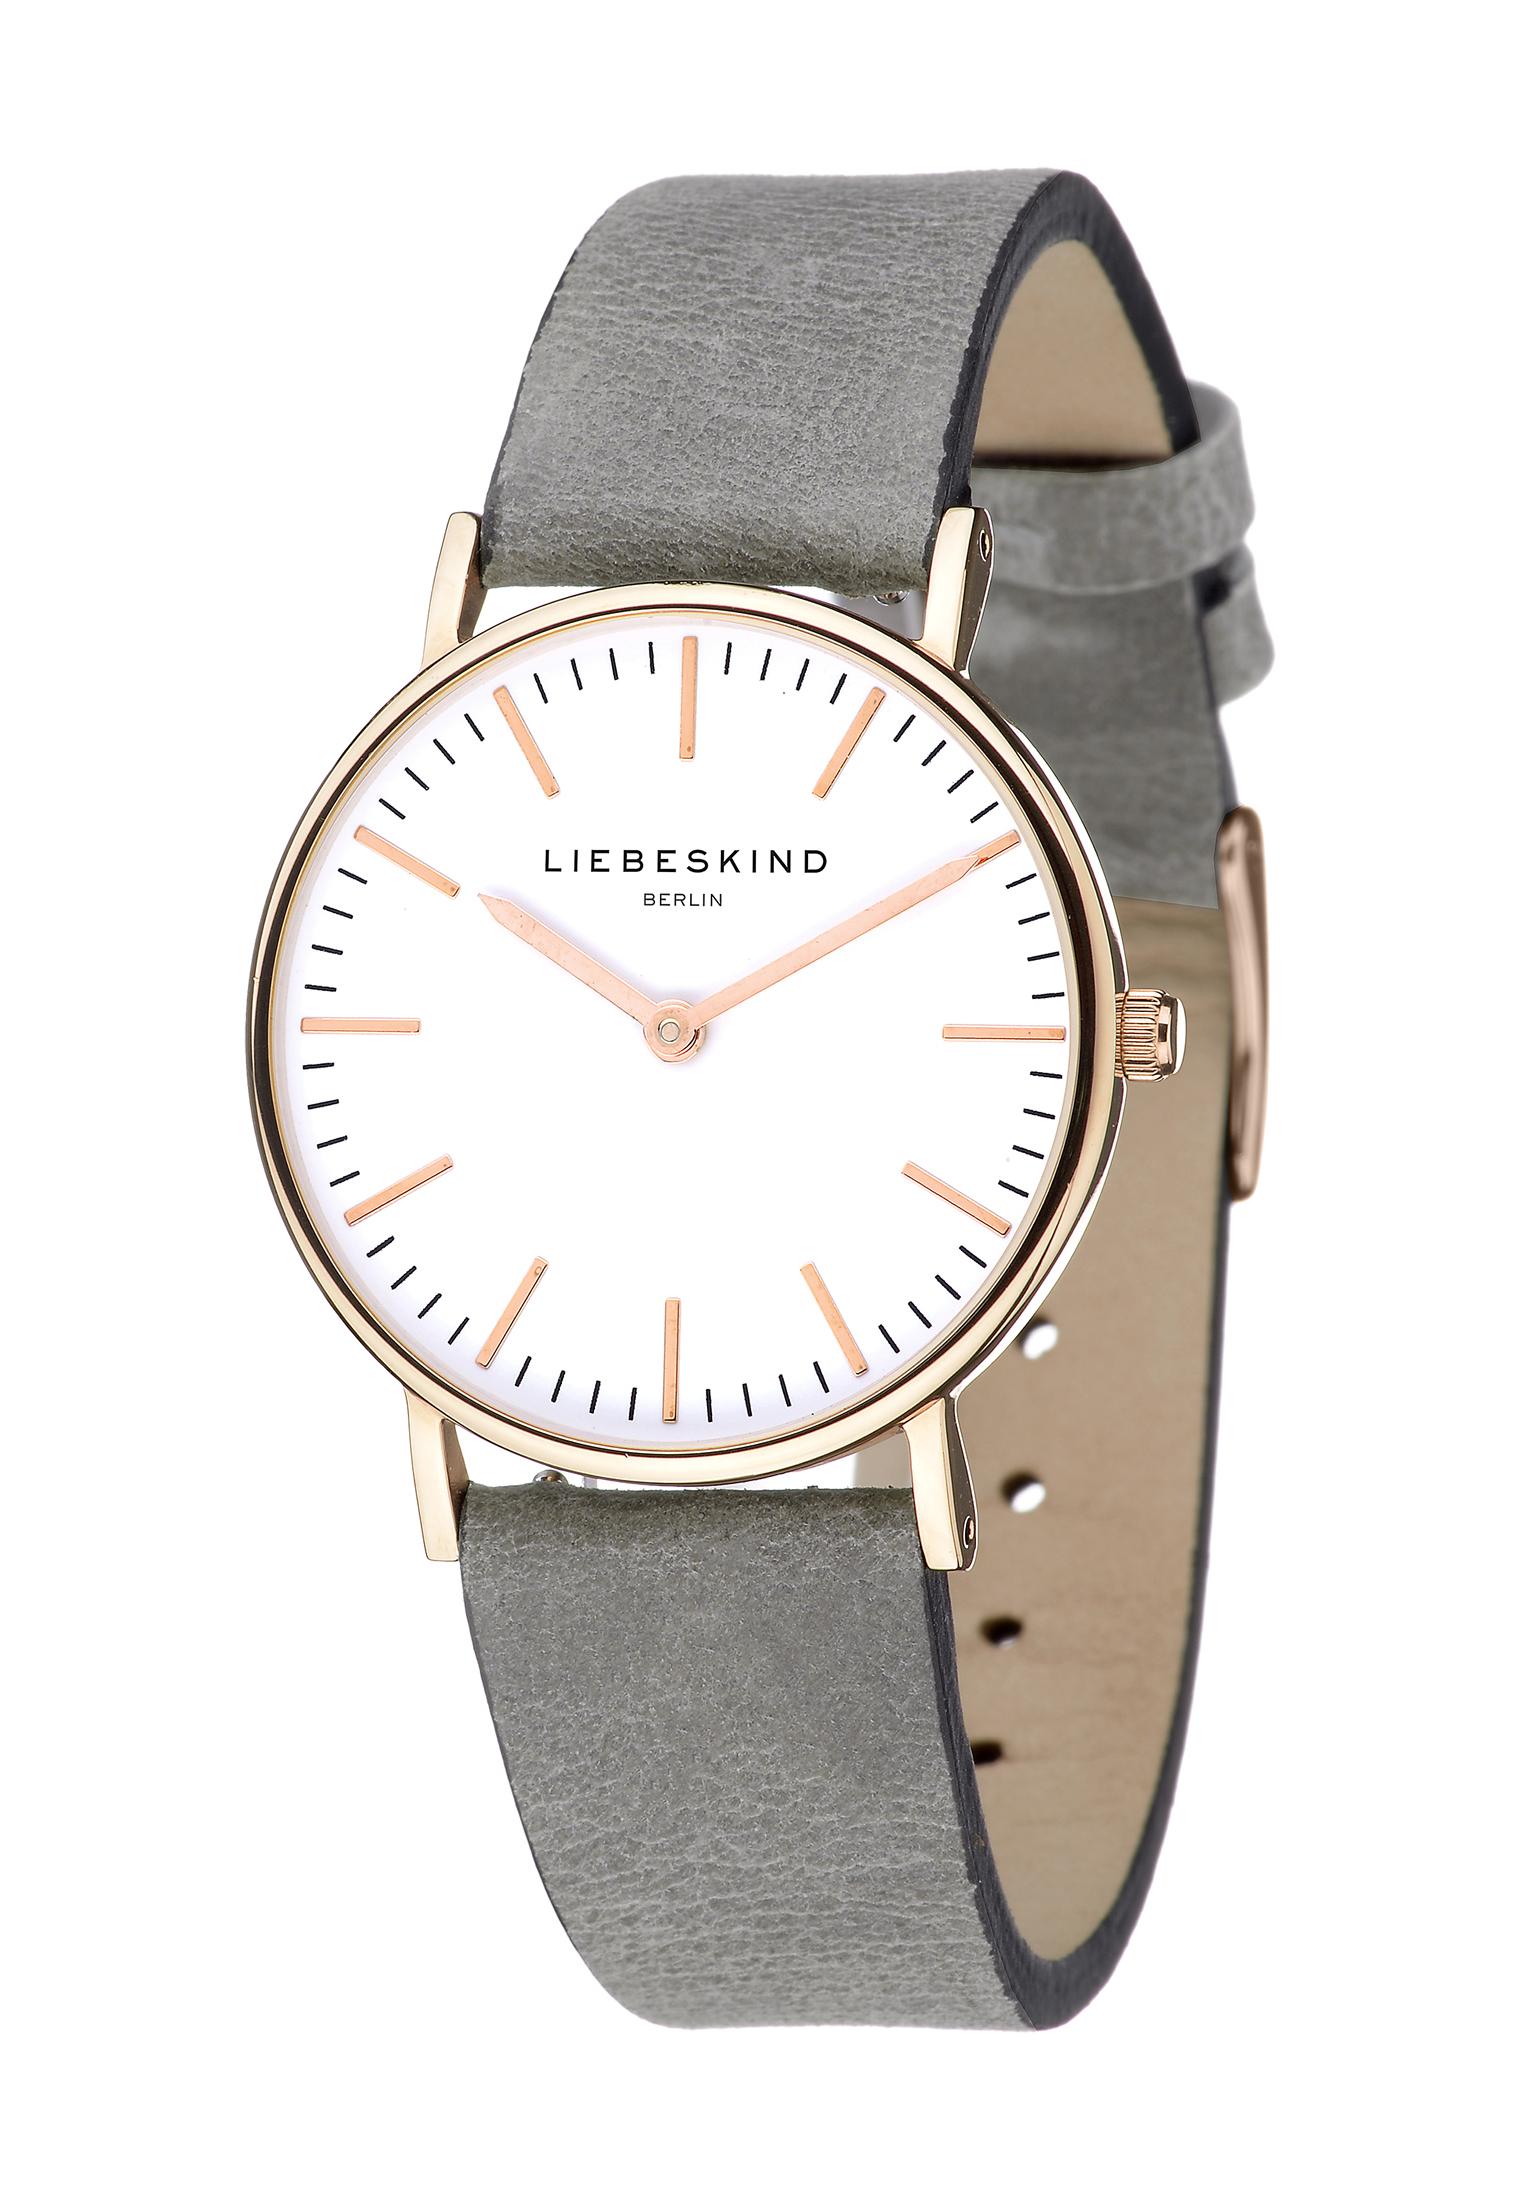 LT-0095-LQ LIEBESKIND BERLIN Armbanduhr Leder Vintage-Look